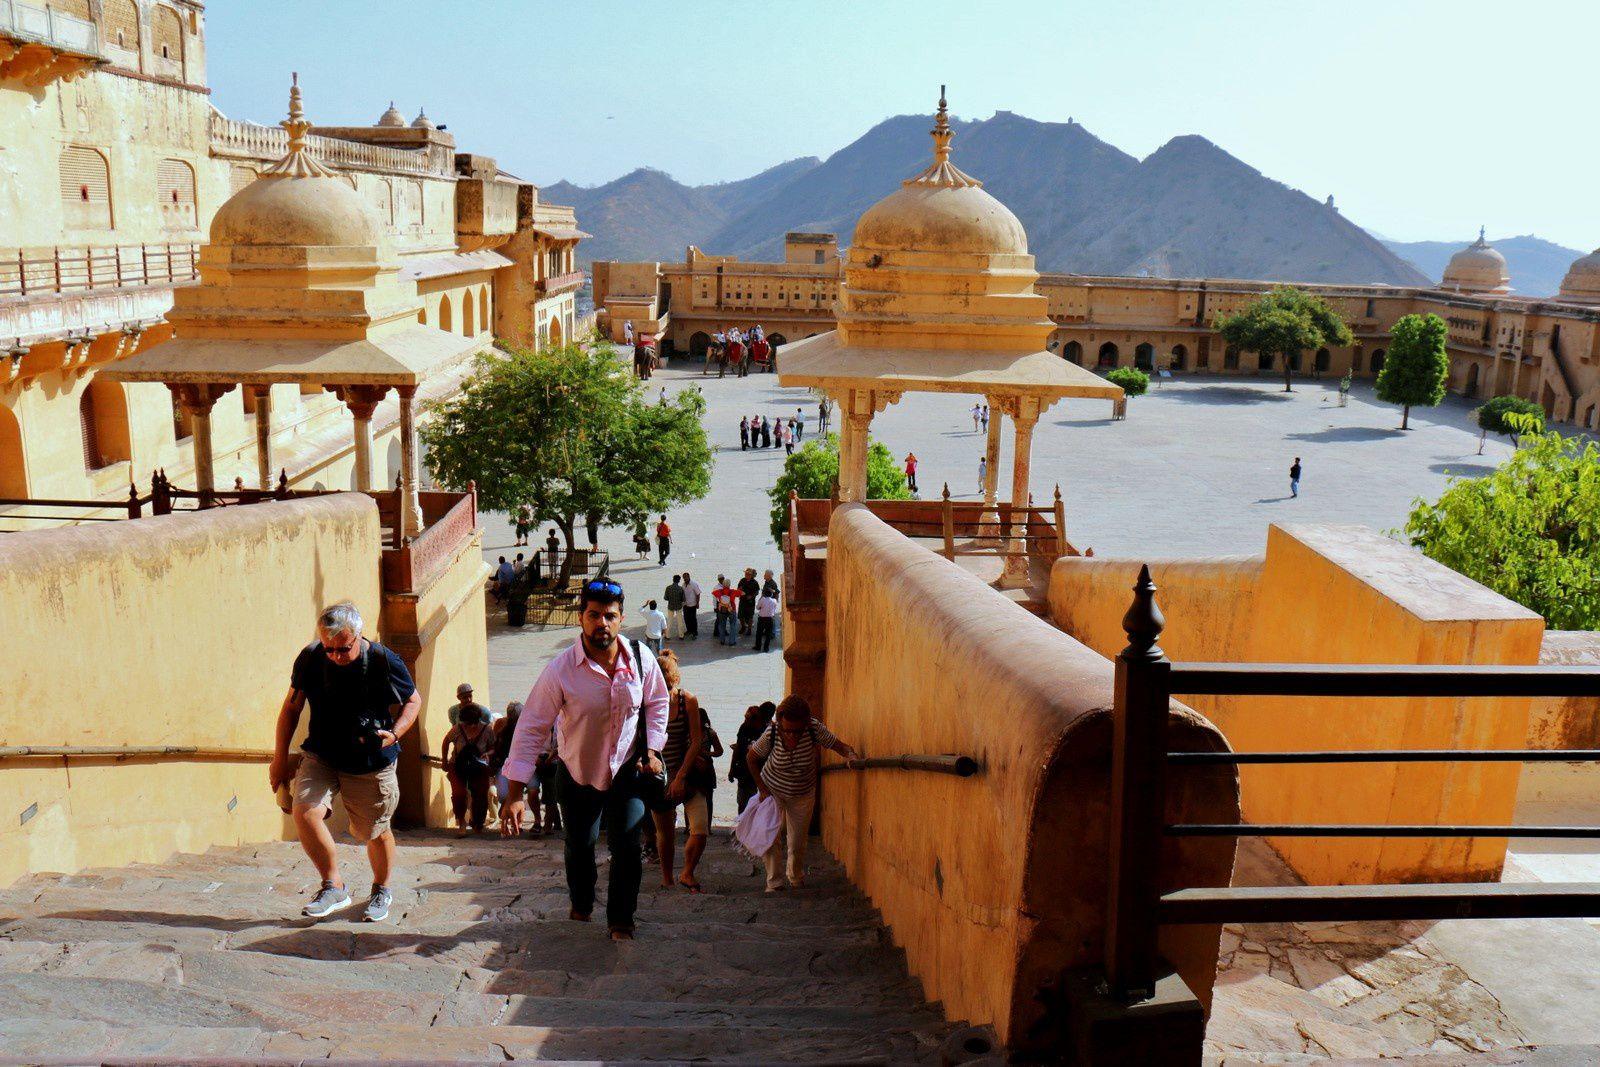 Singh Pol (Porte du Lion) et Diwan-i-Aam (salle d'Audience publique), fort d'Amber